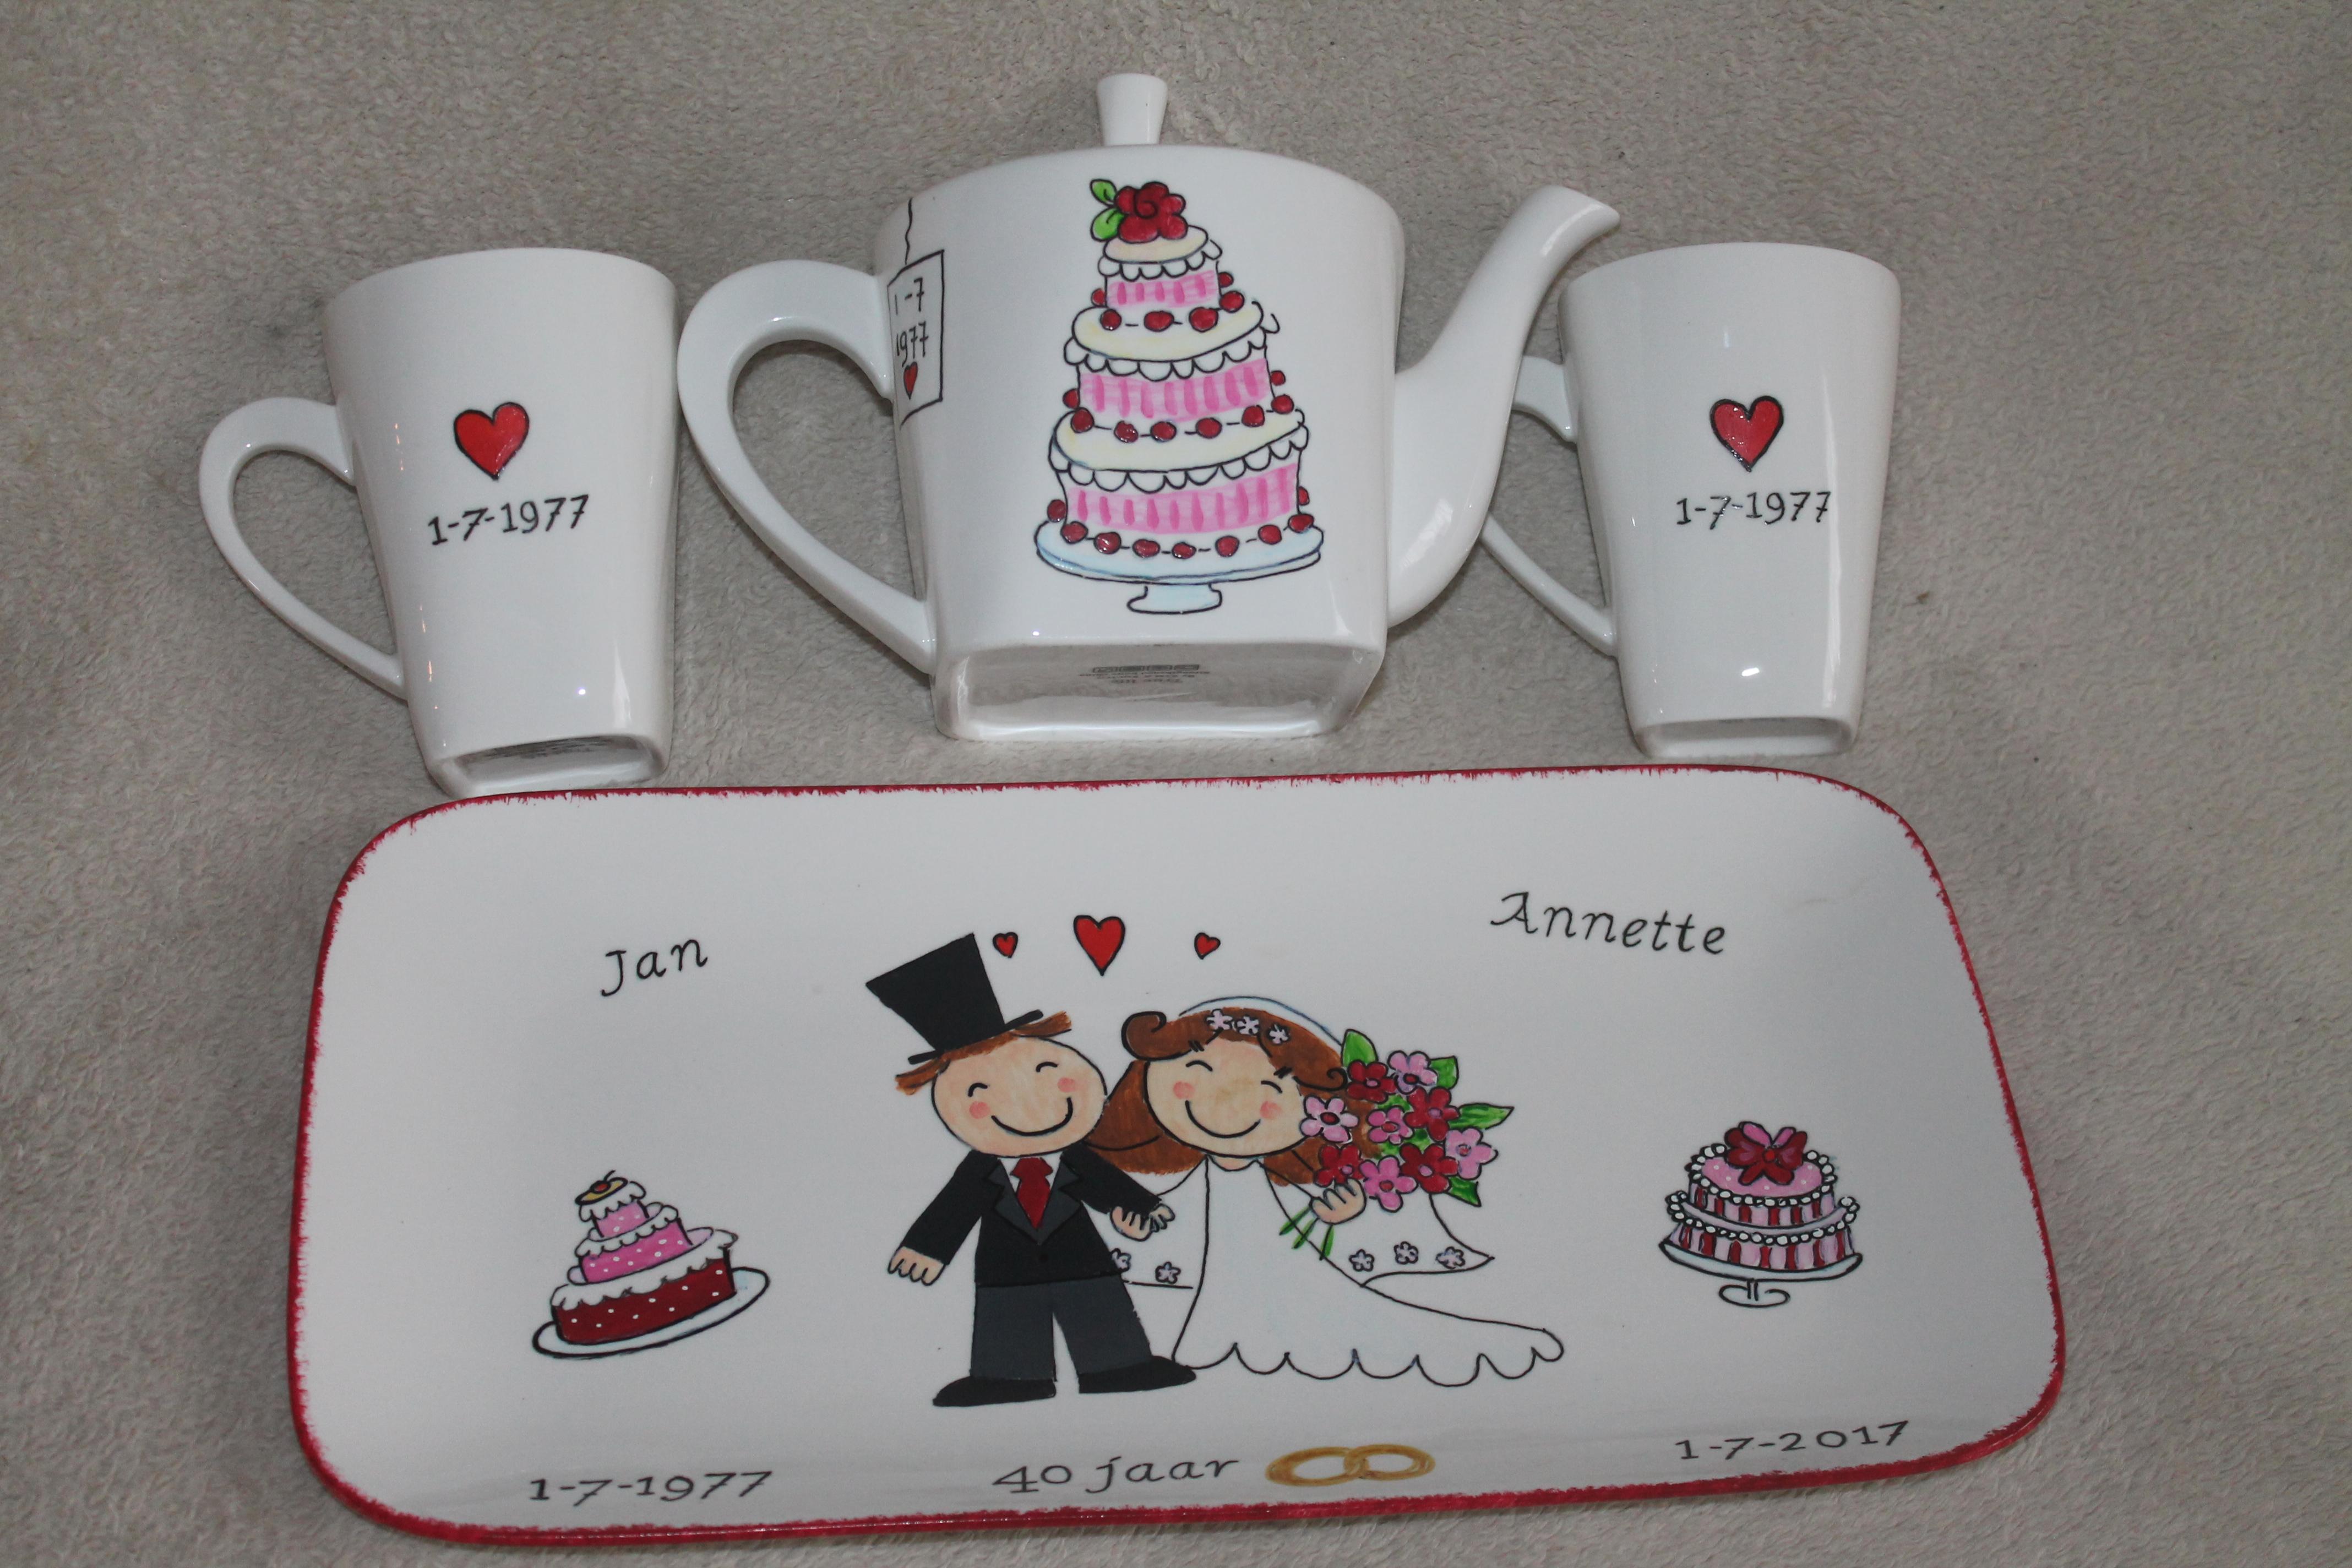 cadeau voor 25 jarig huwelijk ouders Kado Voor Ouders 40 Jaar Getrouwd   ARCHIDEV cadeau voor 25 jarig huwelijk ouders